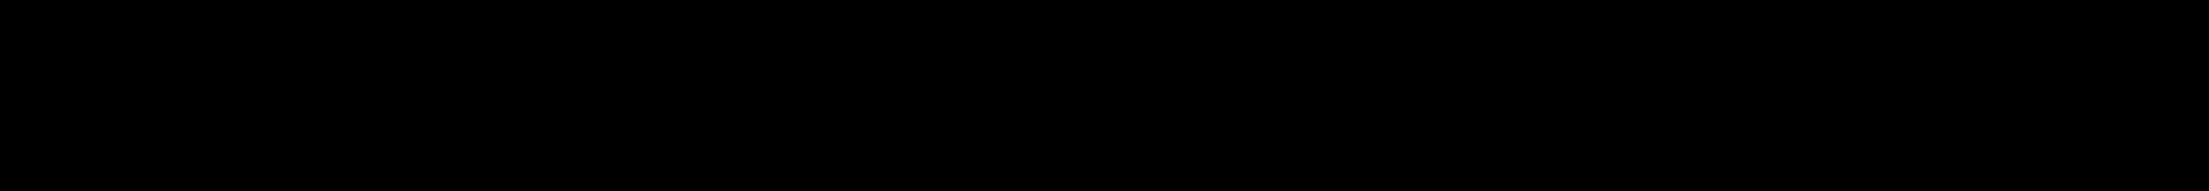 Backtalk Sans BTN Light